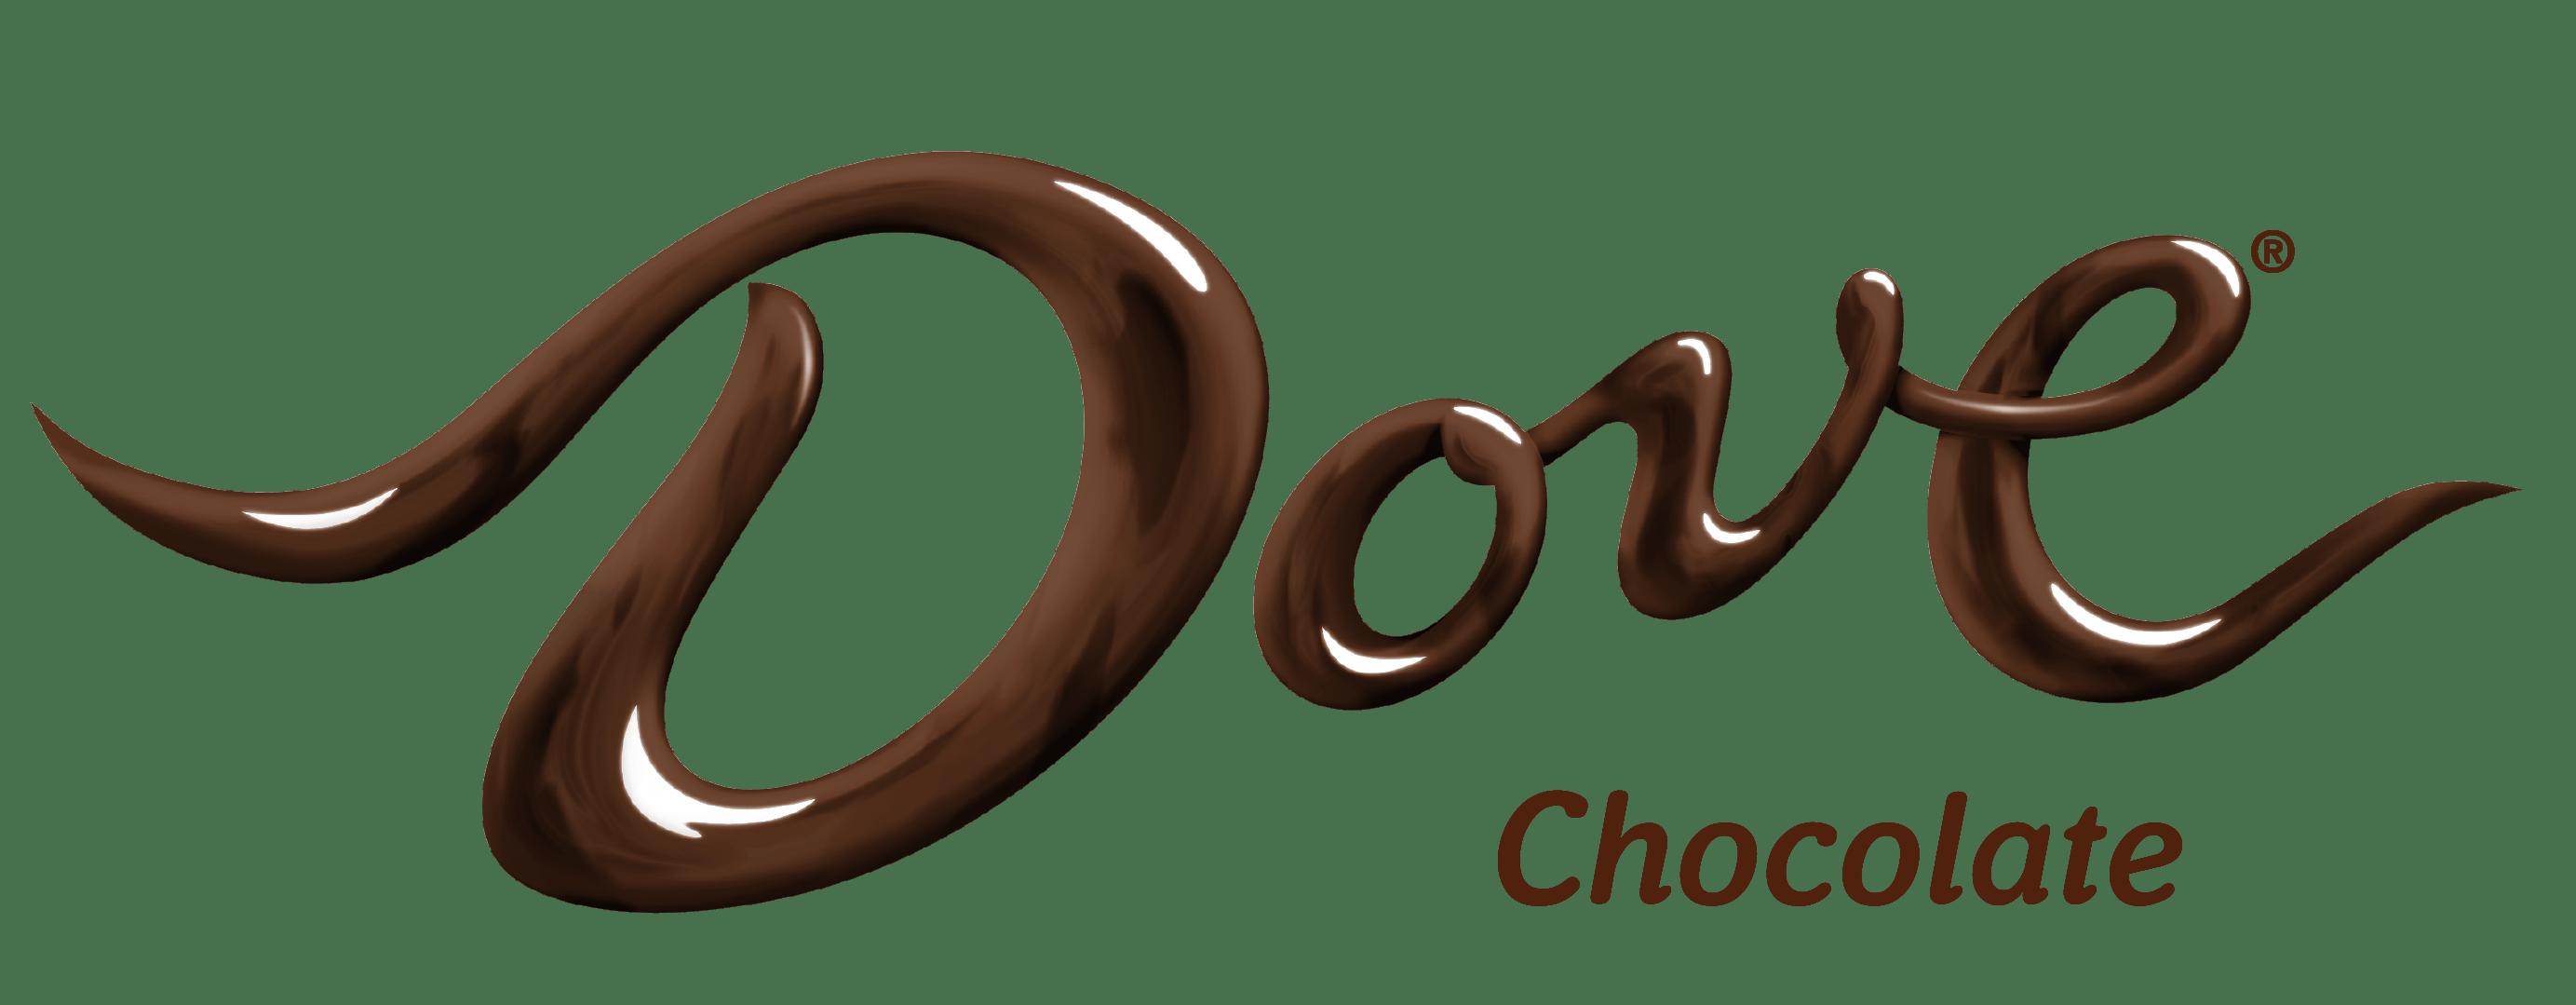 DoveChocLogo2